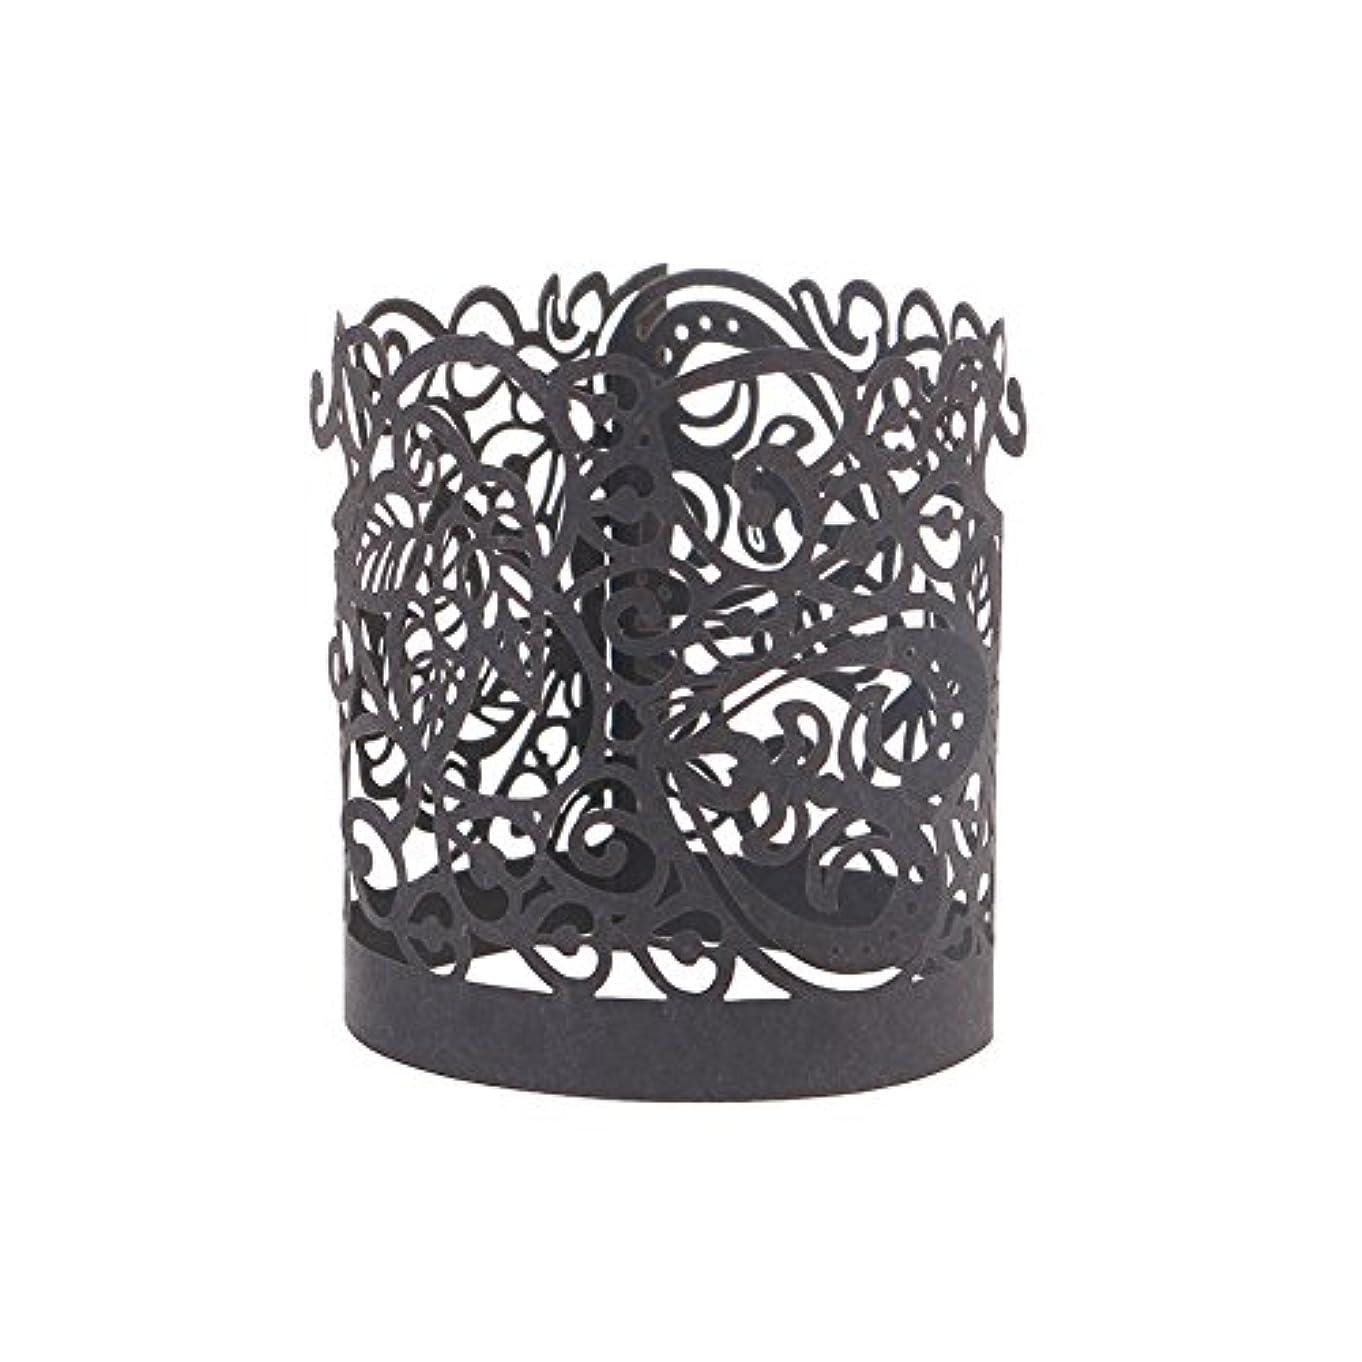 実証するリスキーな抱擁50個ティーライトキャンドルペーパーラップフレームレス奉納キャンドルホルダーパーティーの装飾(13.5cm×4.5cm黒)